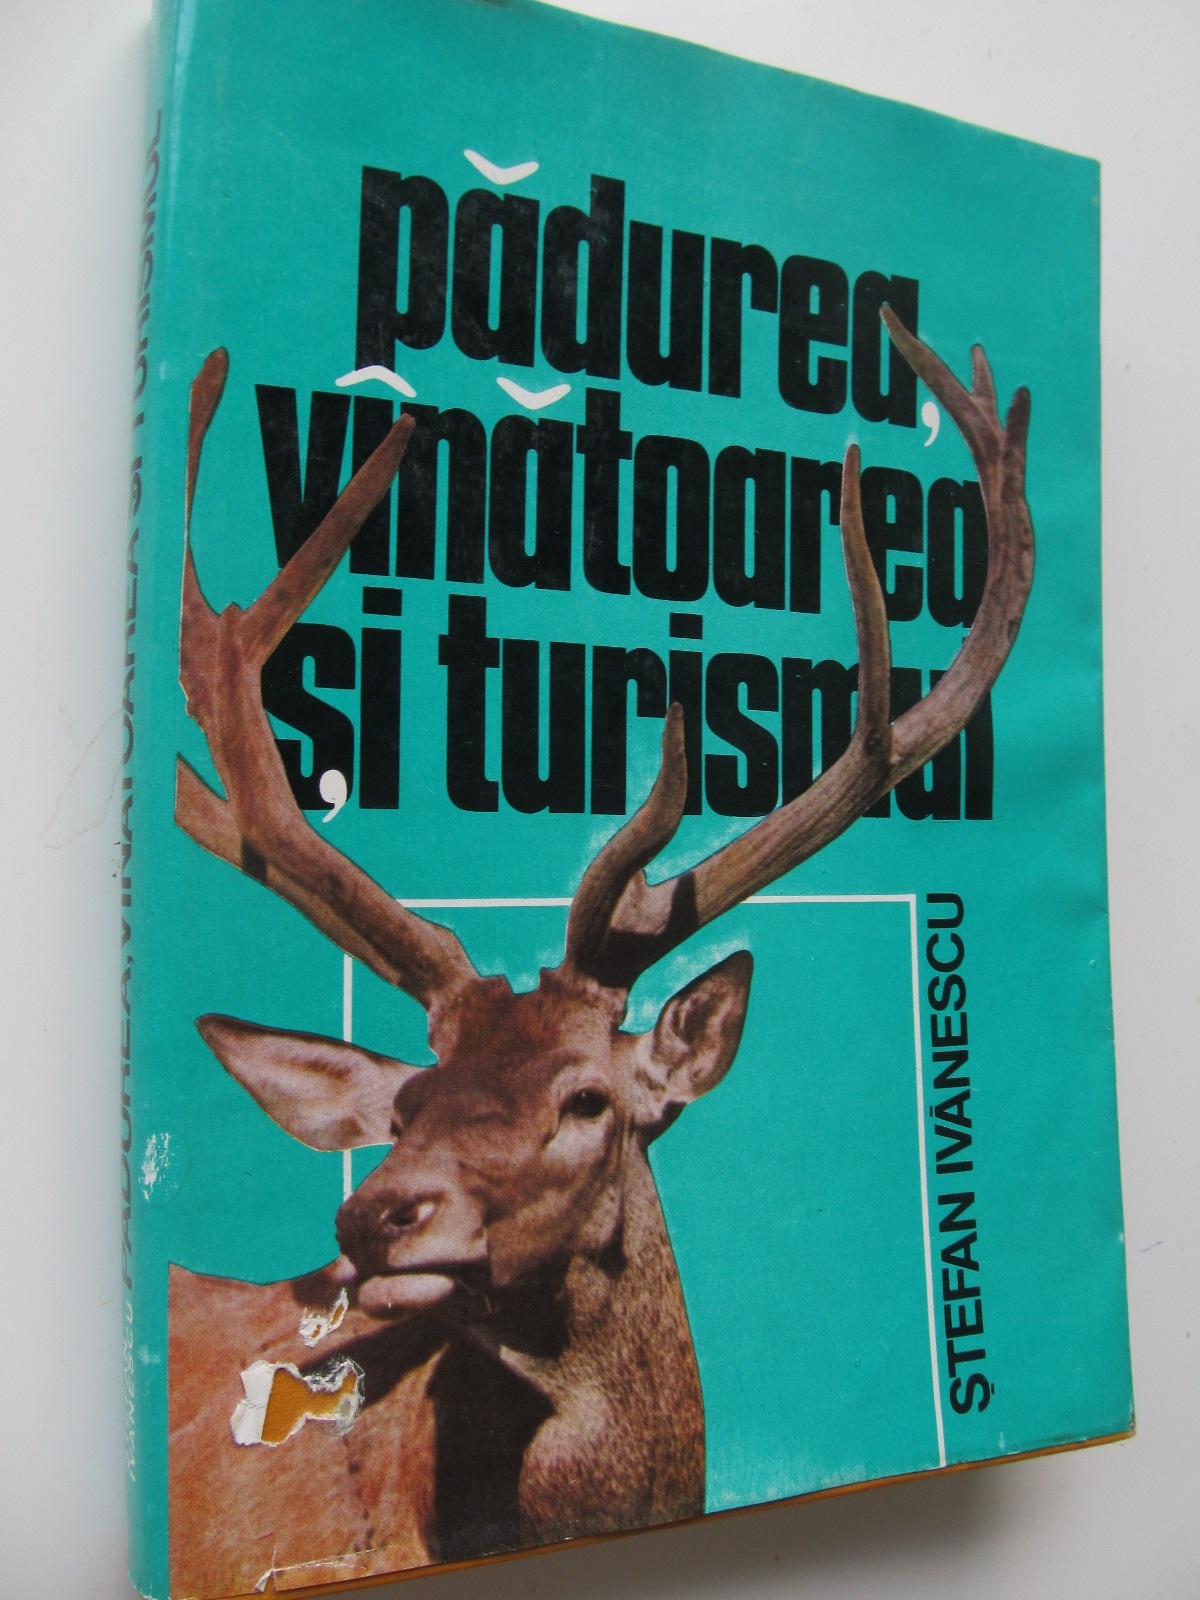 Padurea vanatoarea si turismul - Stefan Ivanescu | Detalii carte